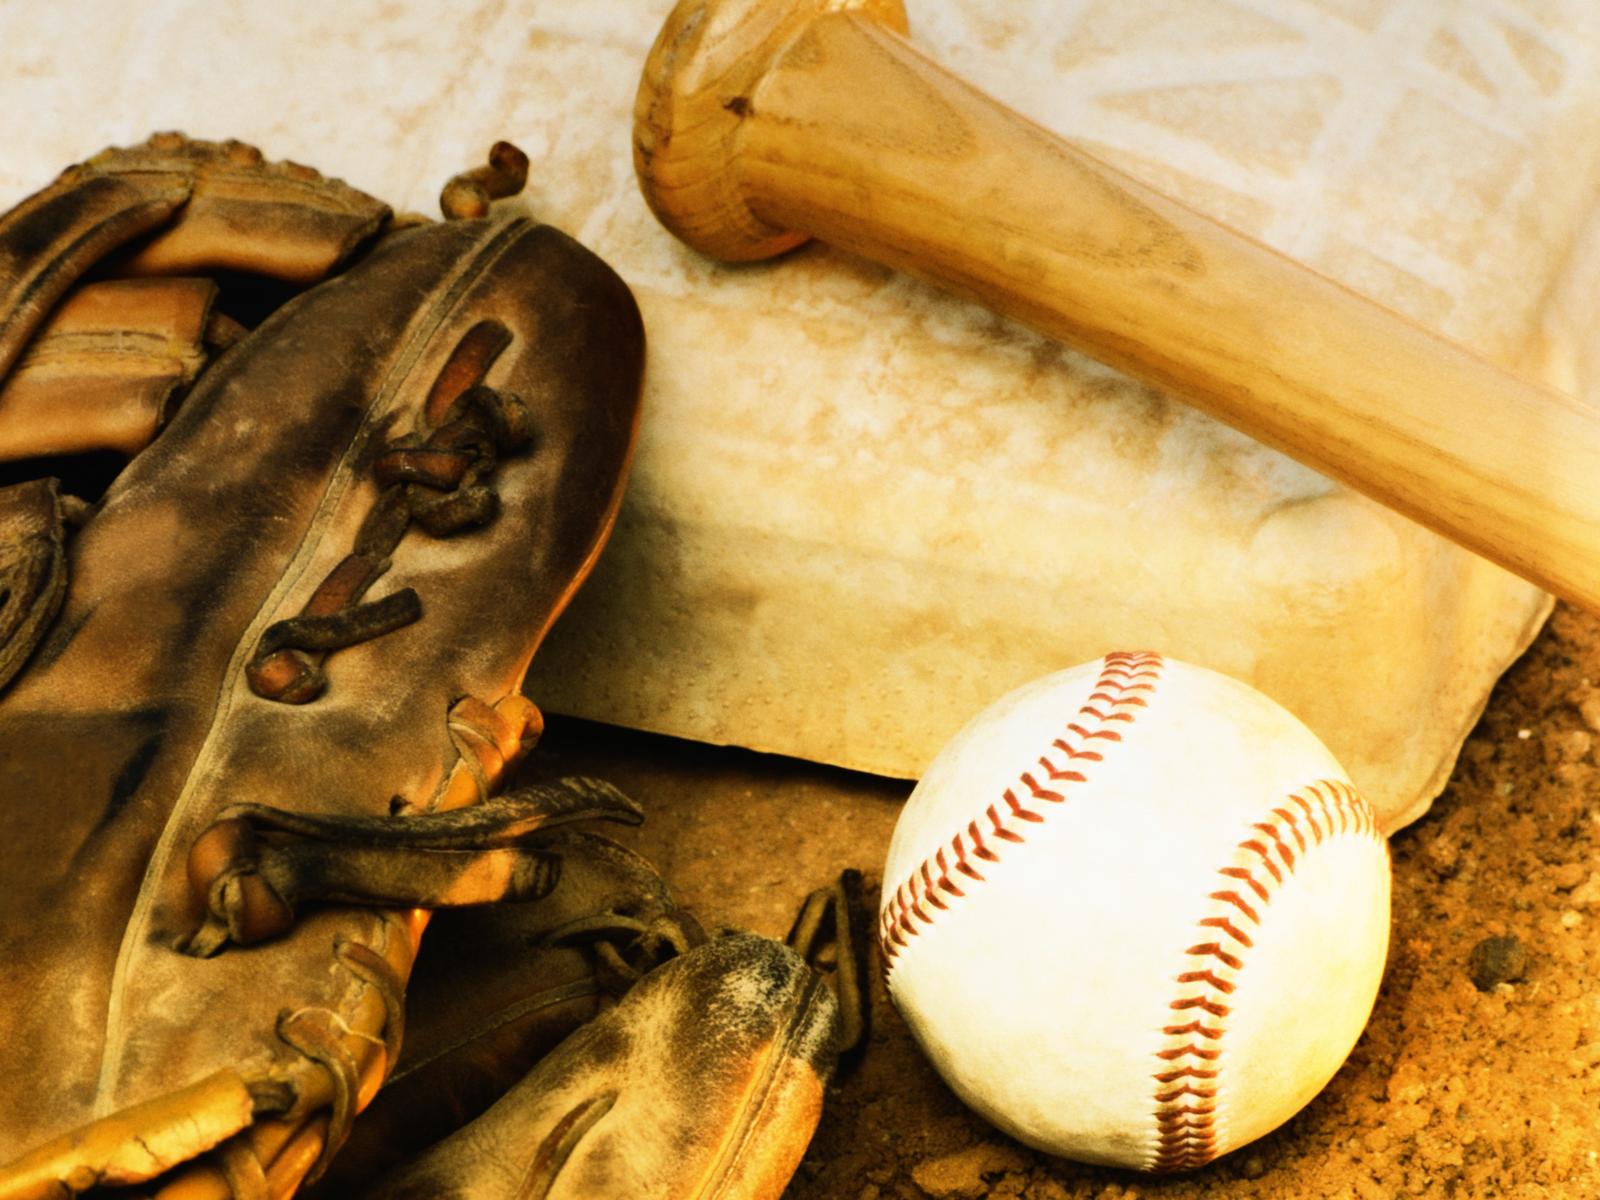 Baseball Wallpaper For Android Wallpaper WallpaperLepi 1600x1200